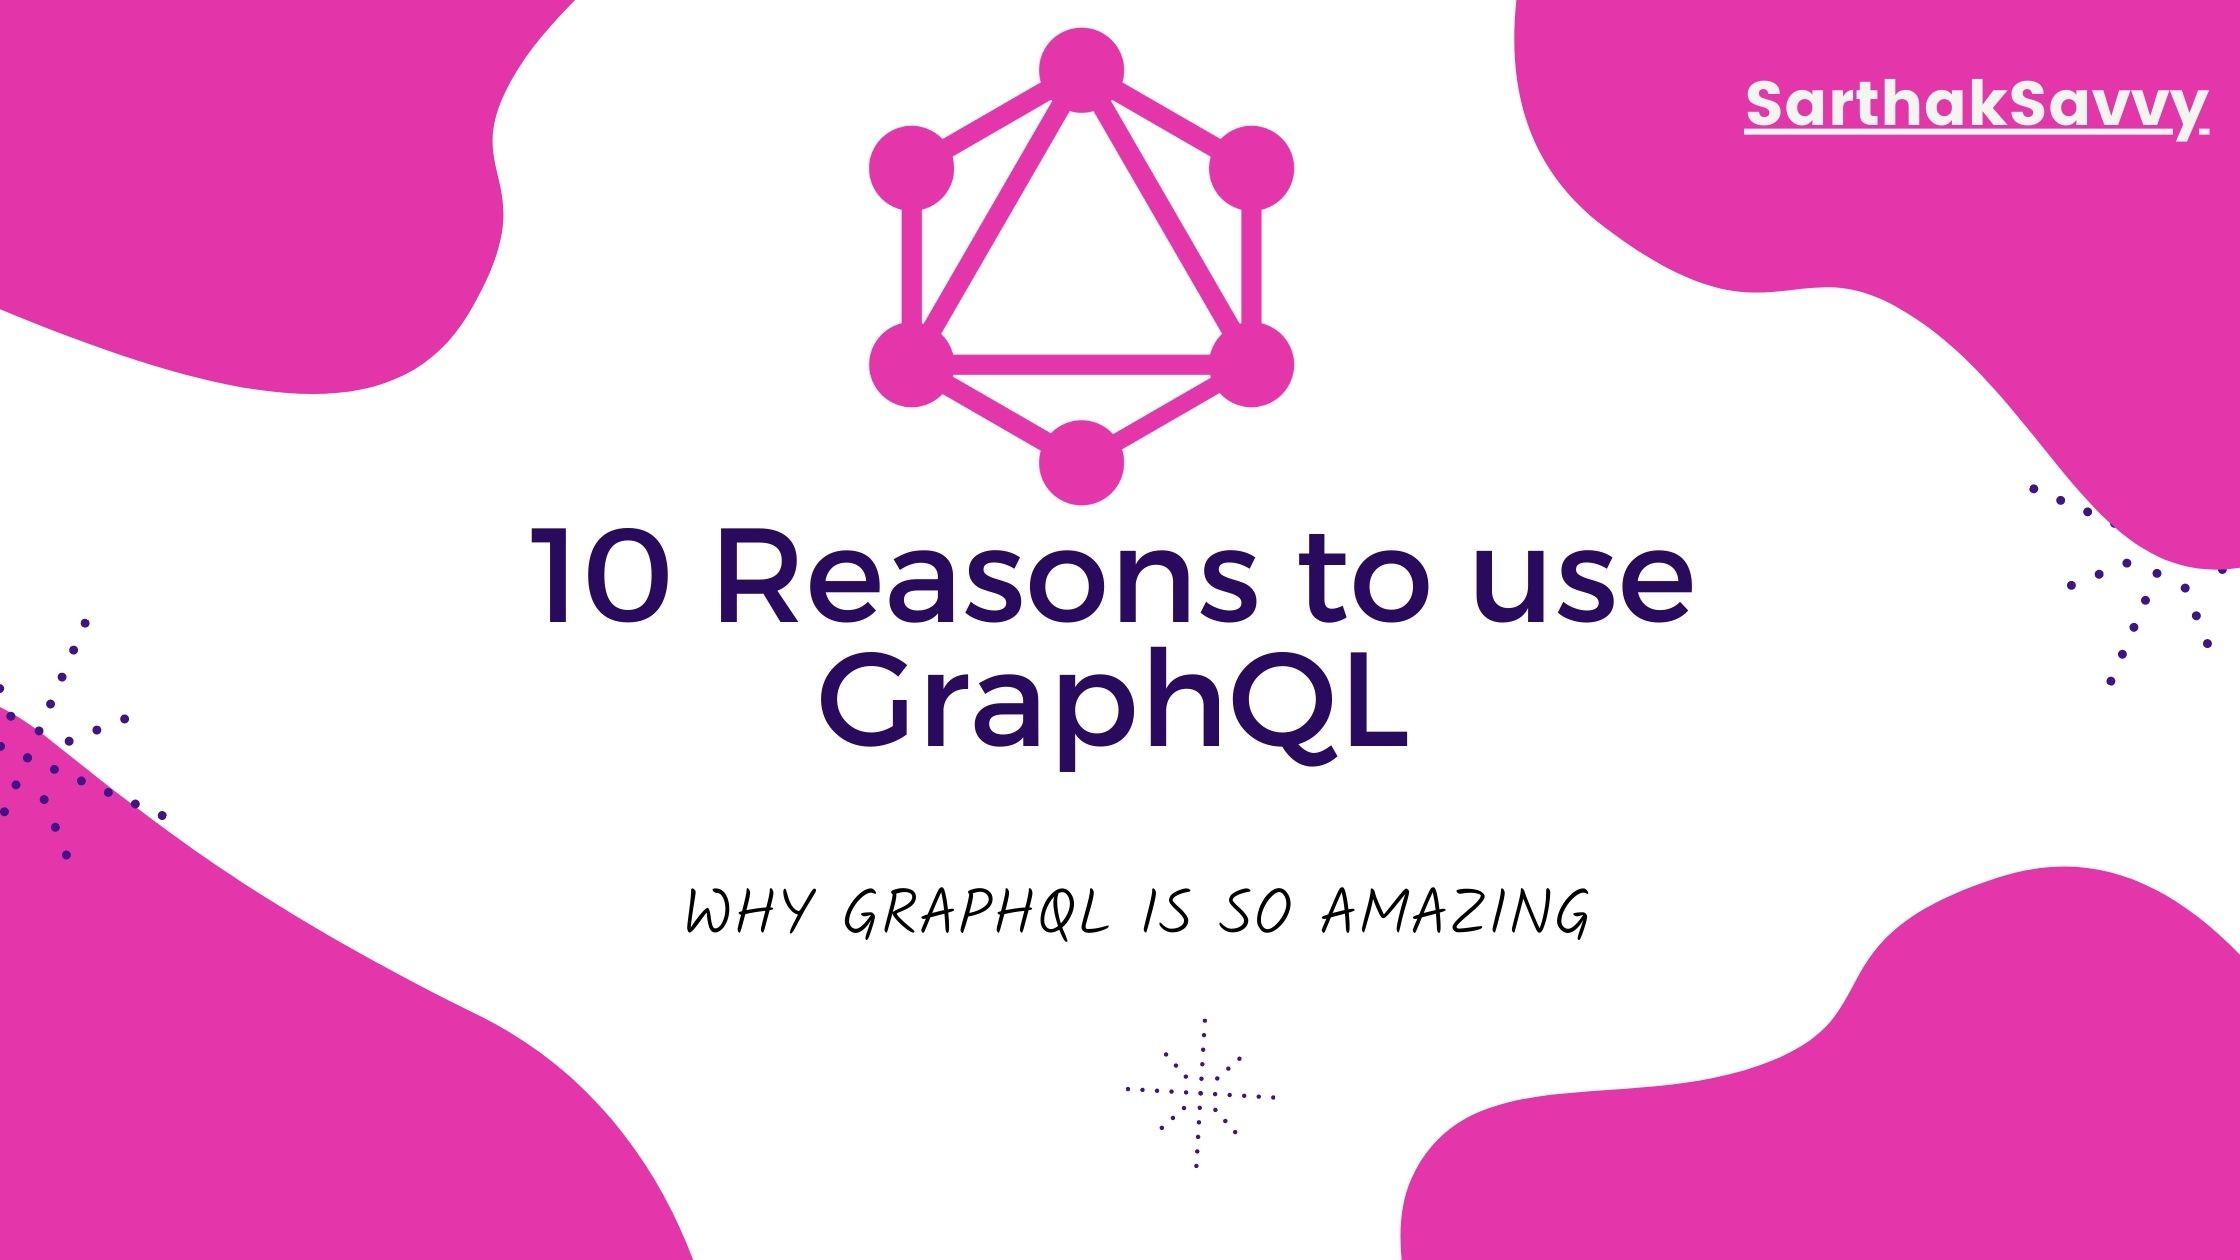 10 Reason to use GraphQL